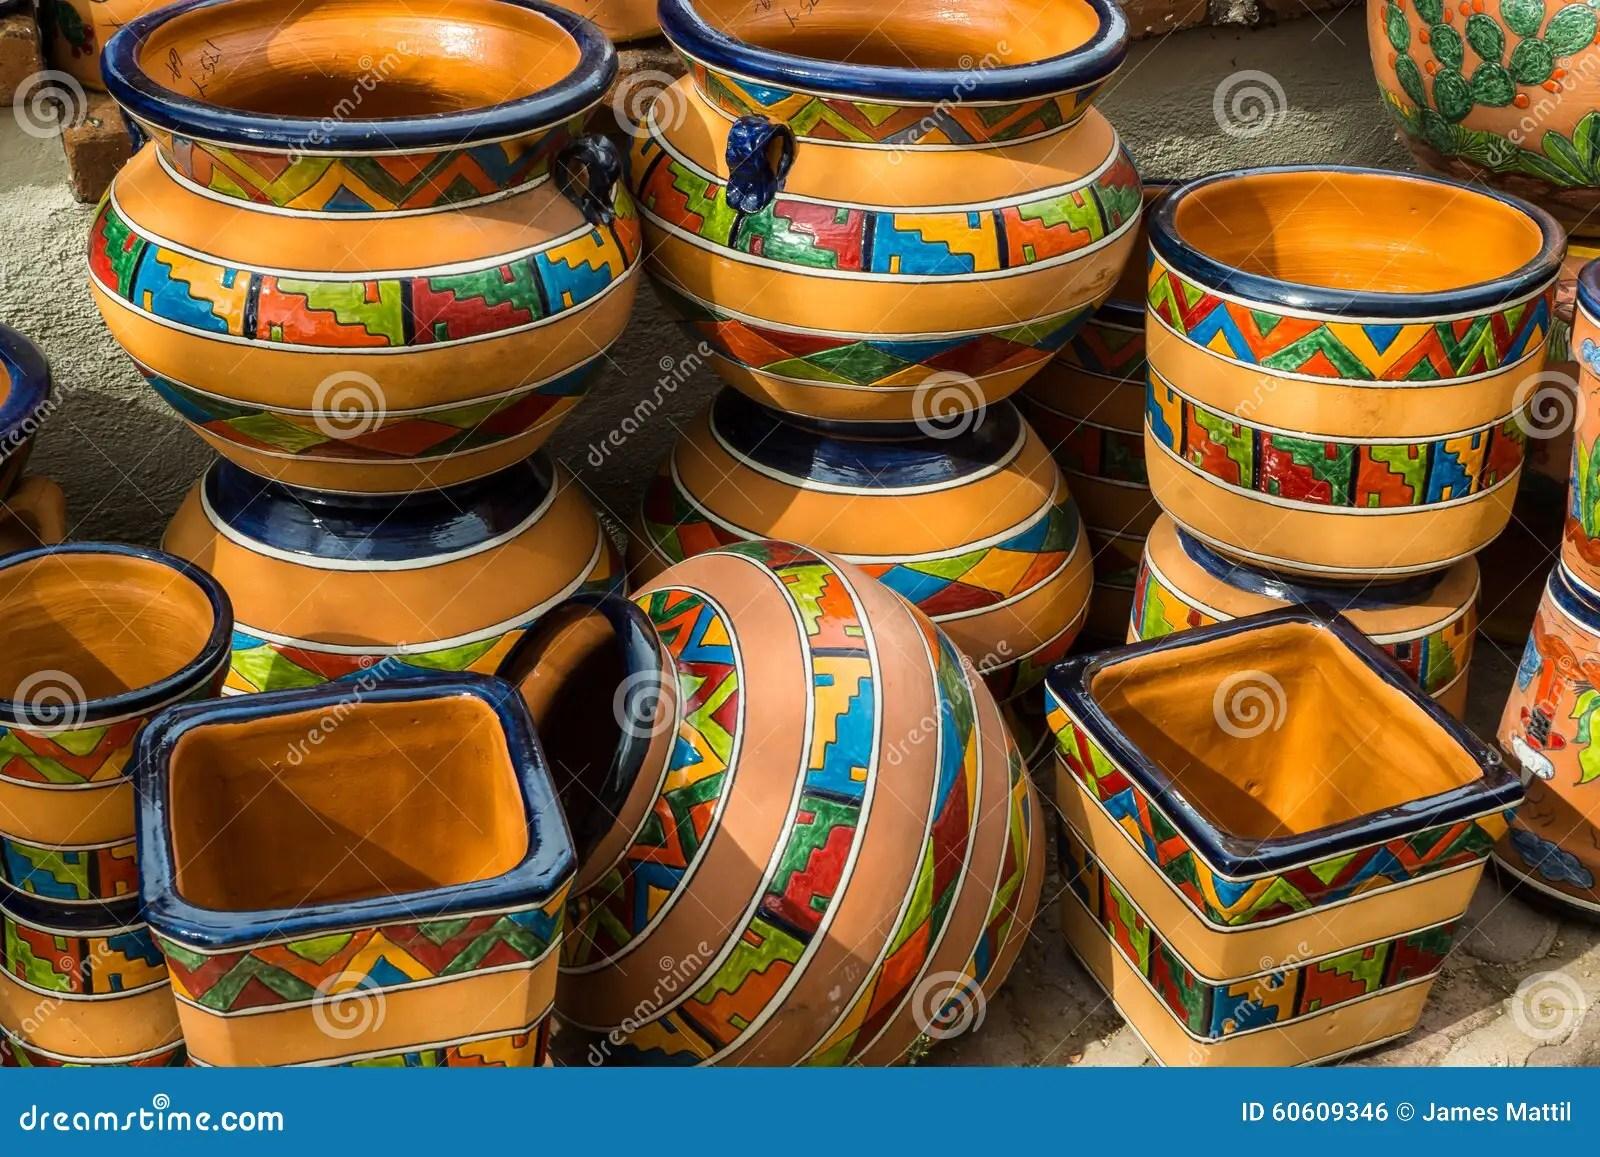 Spanish Clay Pots